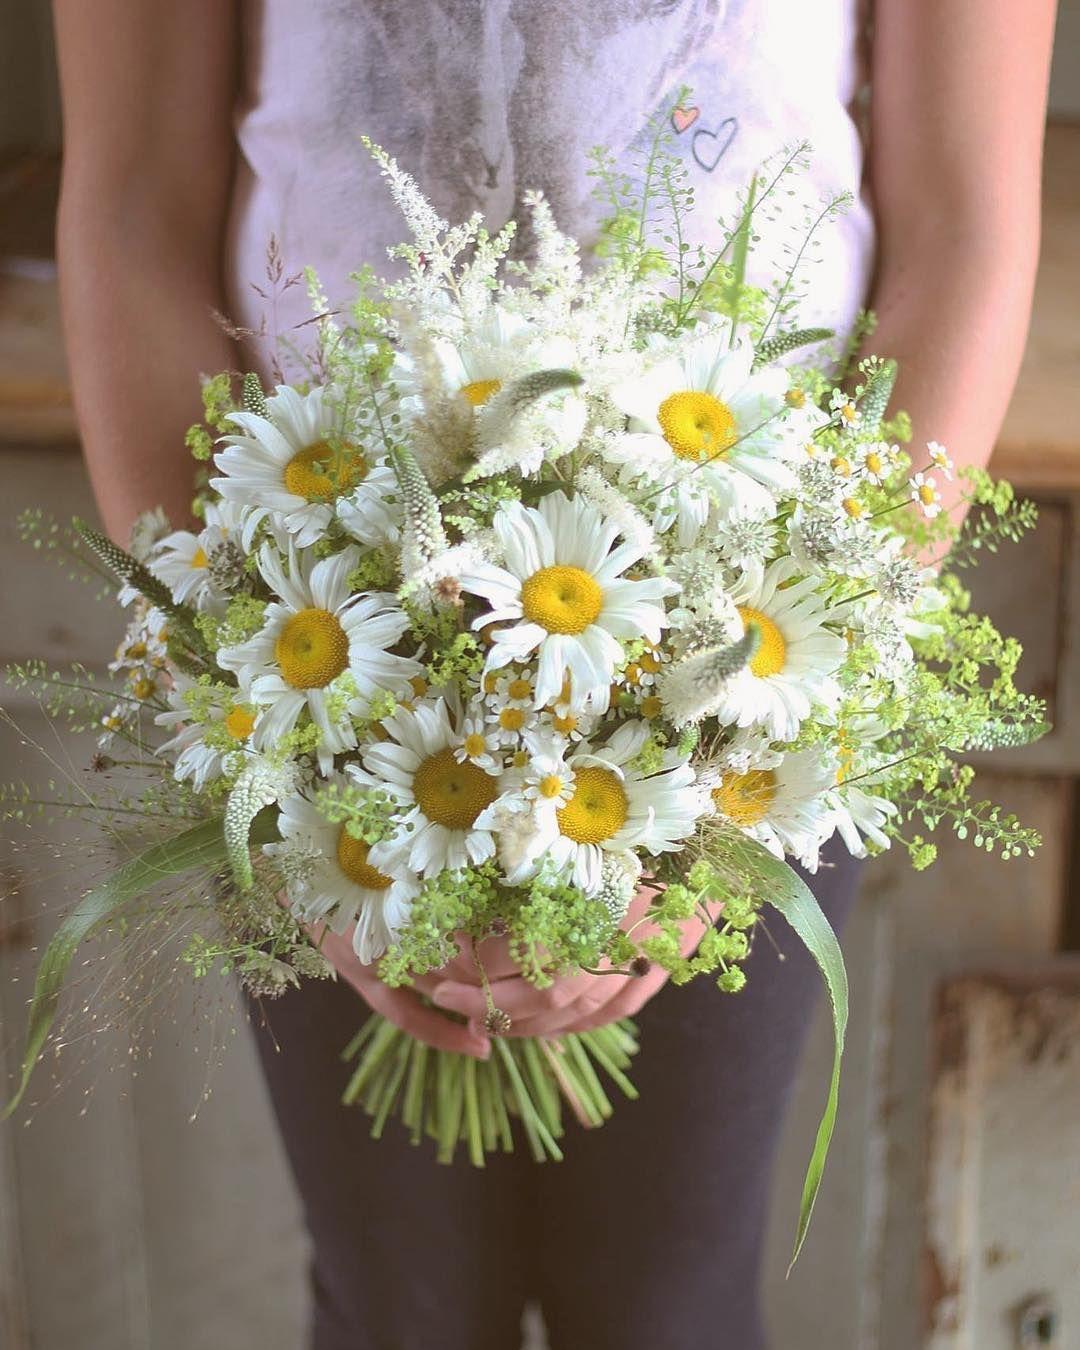 df96f9dfc0 Svadobná kytica z lúčnych kvetov alchemilky margarétky veroniky a iných  trávičiek  kvetysilvia  kvetinarstvo